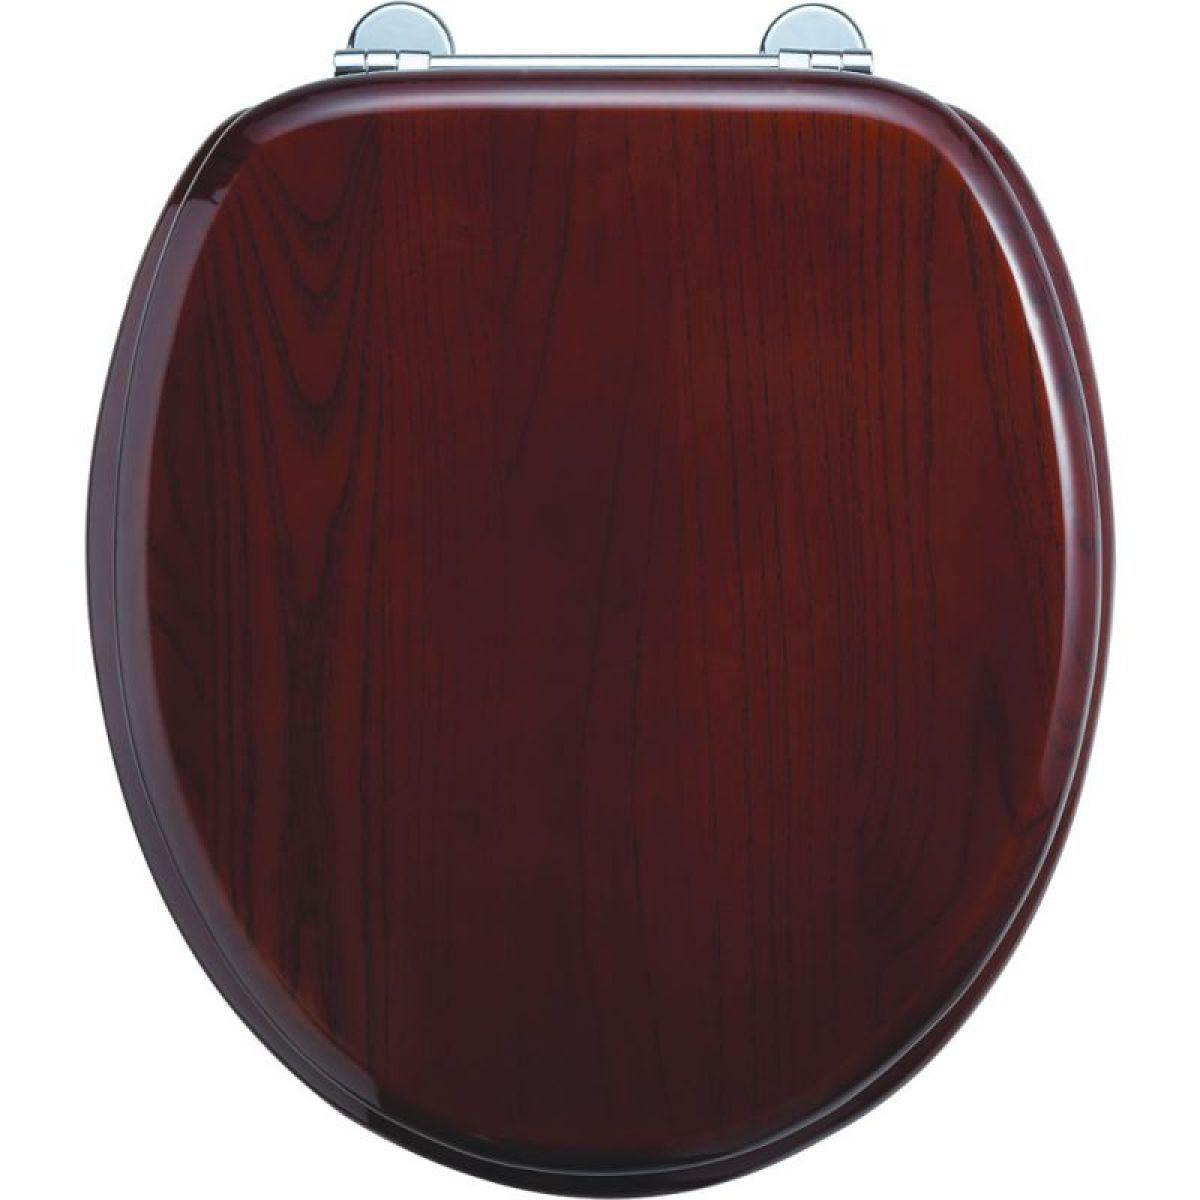 coloured soft close toilet seat.  Burlington Soft Close Toilet Seat and Cover UK Bathrooms